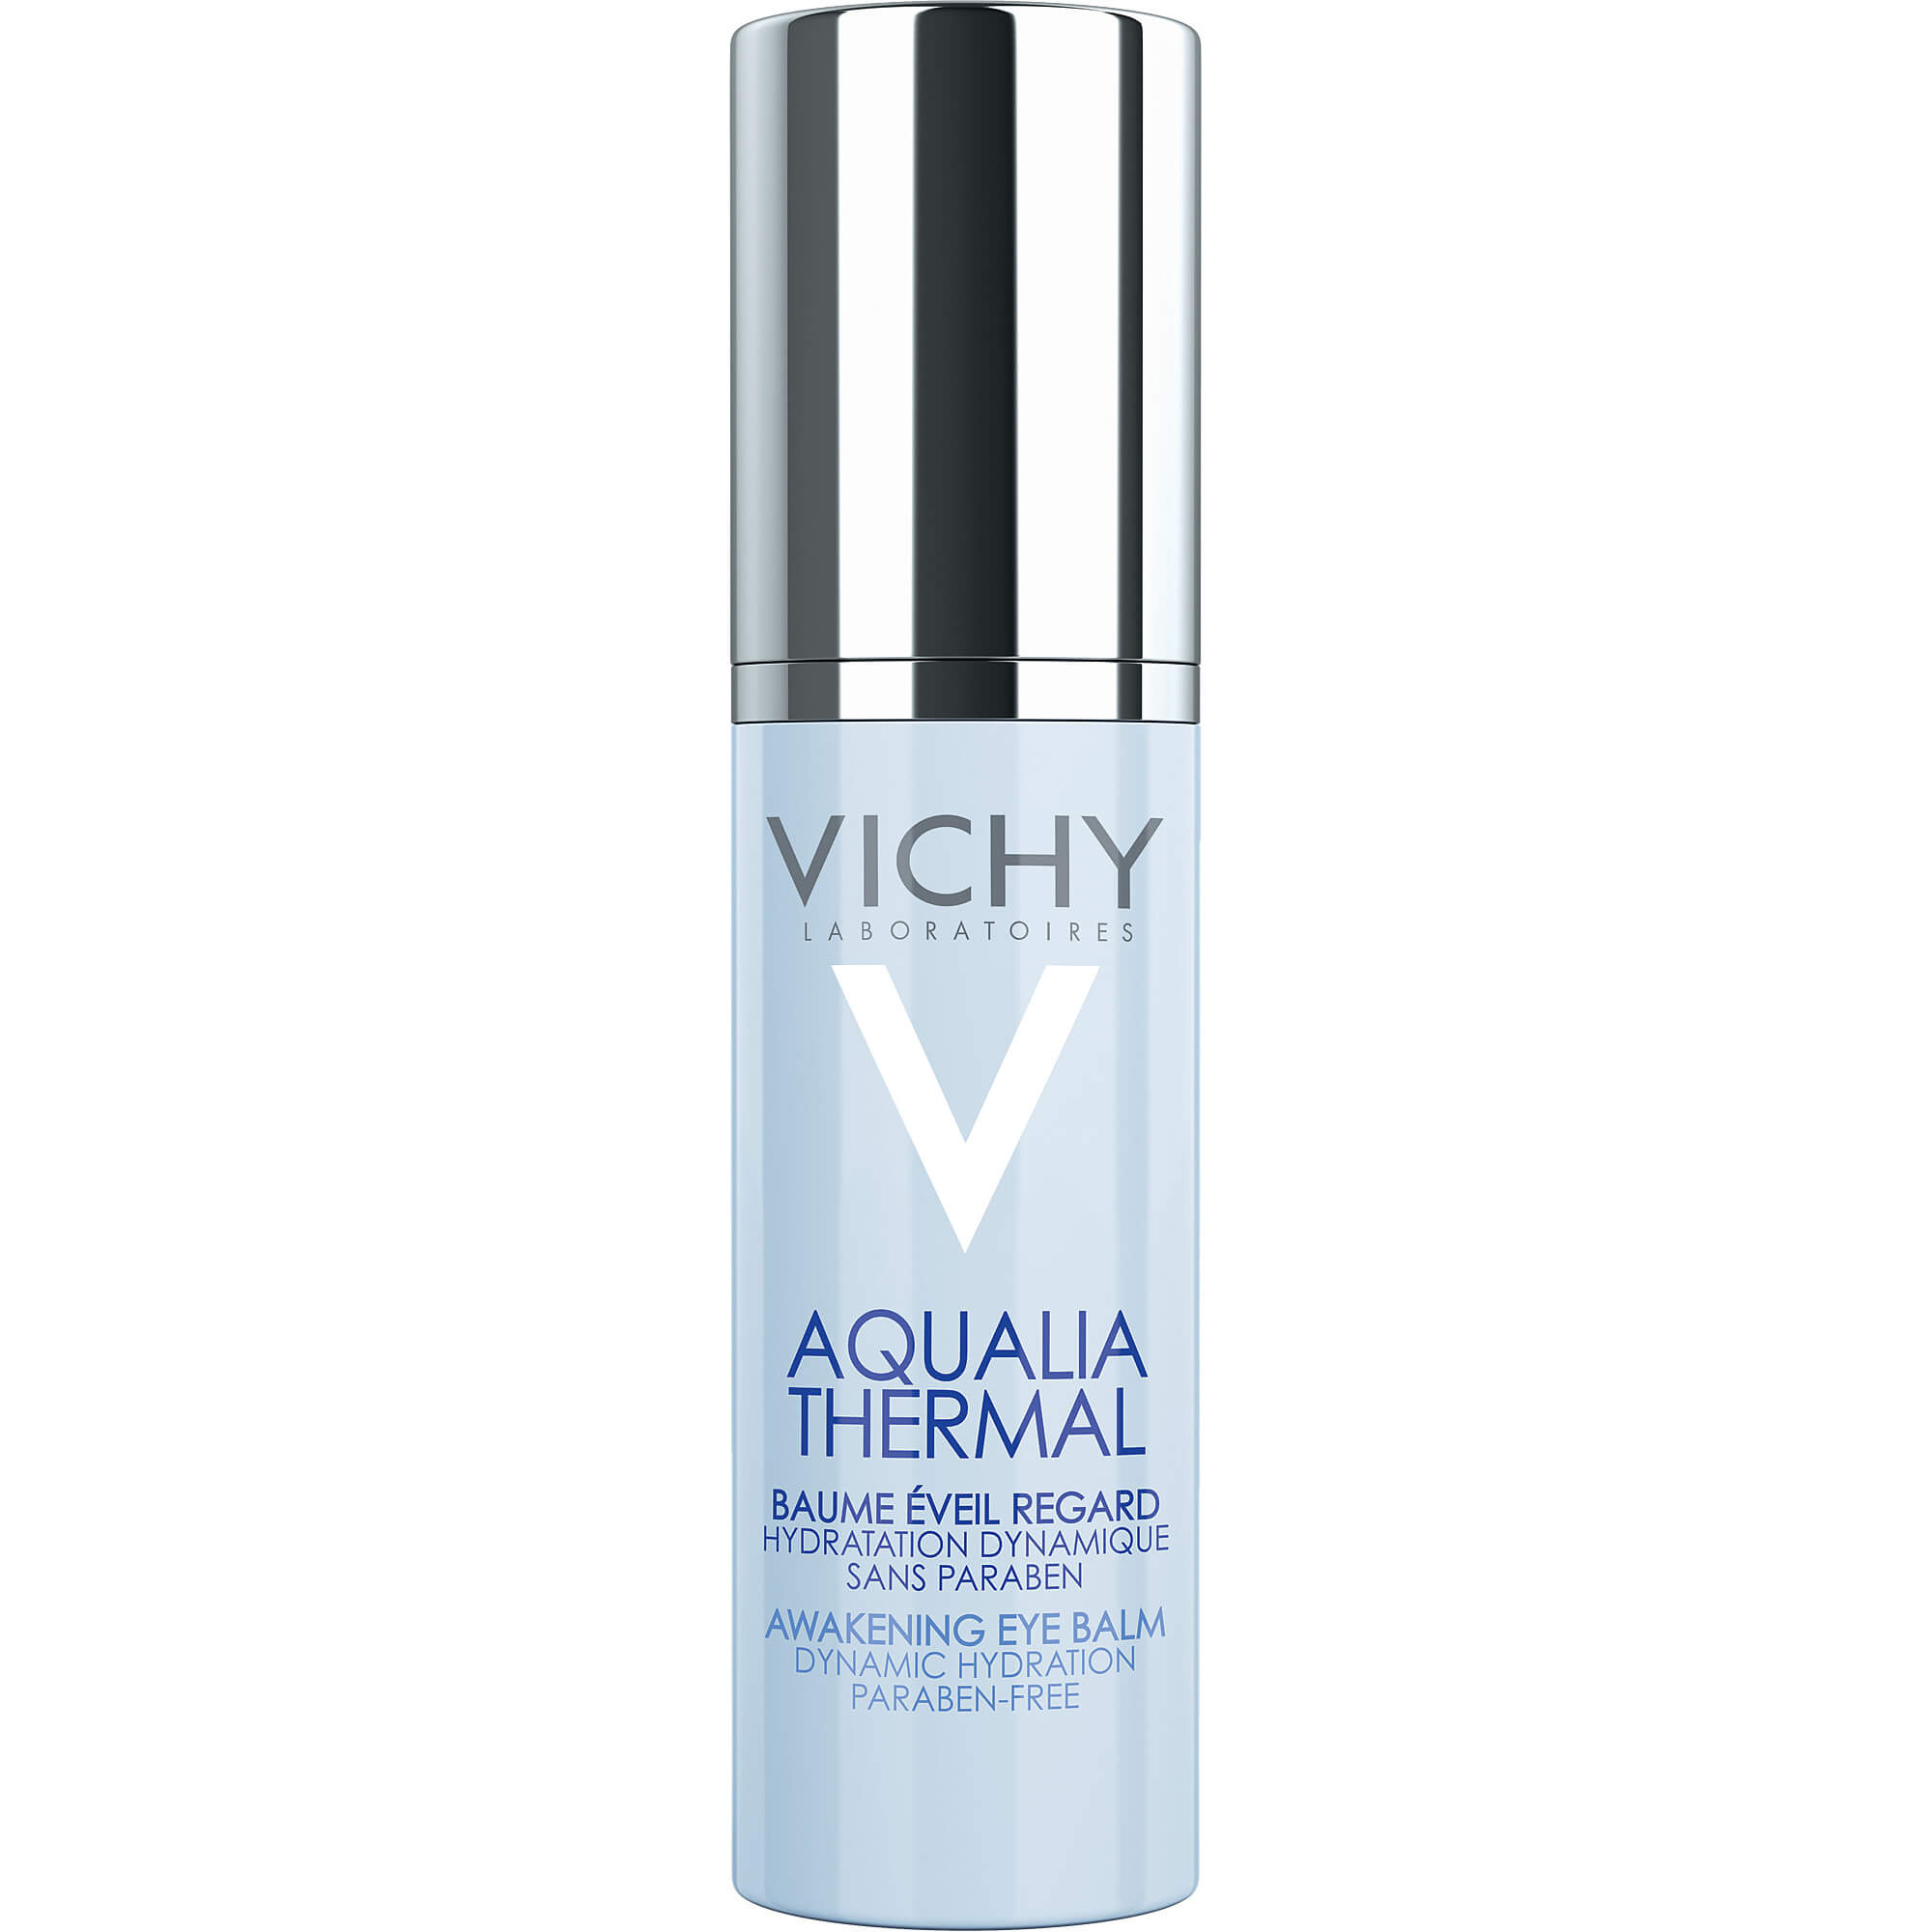 Vichy Aqualia Thermal Dynamic Hydration Eye Balm Αναζωογονητικό και Ενυδατικό Balm Ματιών 15ml